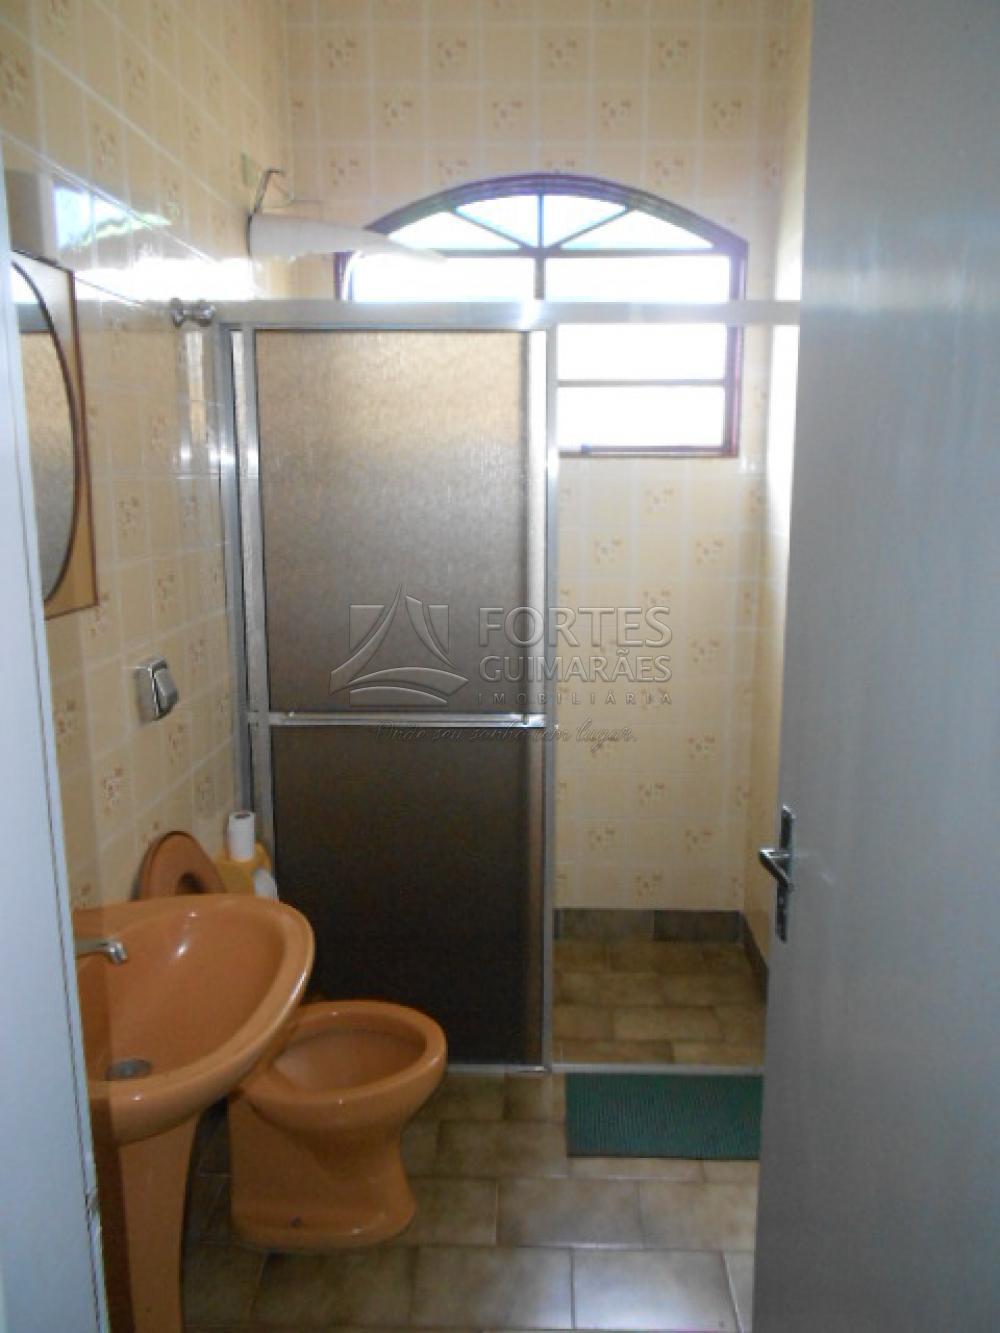 Alugar Casas / Condomínio em Jardinópolis apenas R$ 2.500,00 - Foto 22